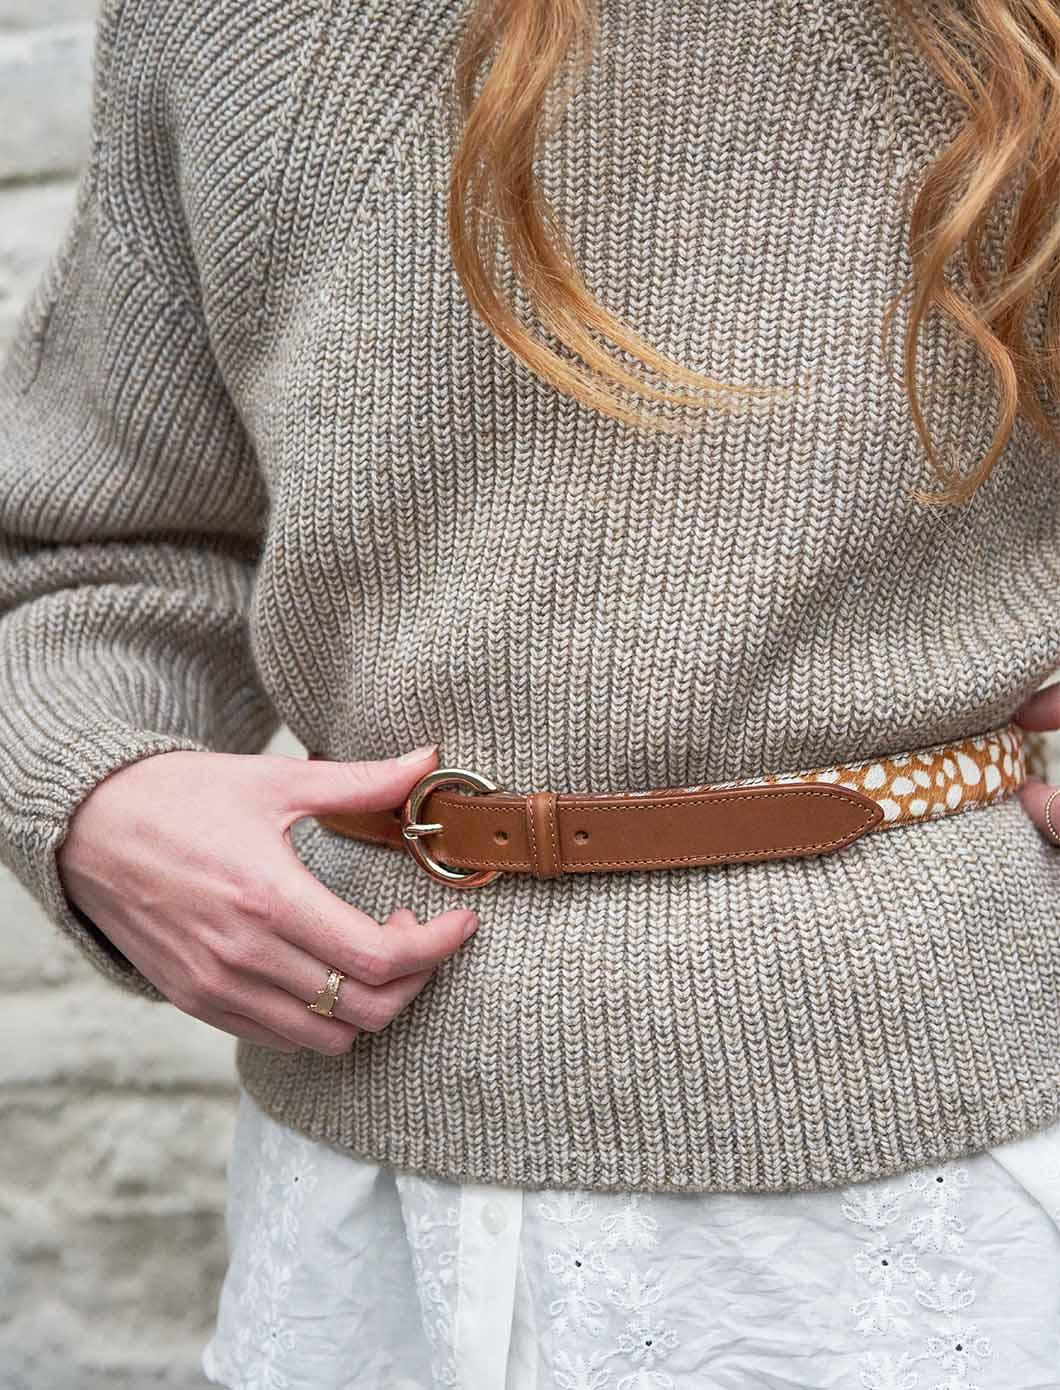 Bi-material belt woman - Cognac and Deer